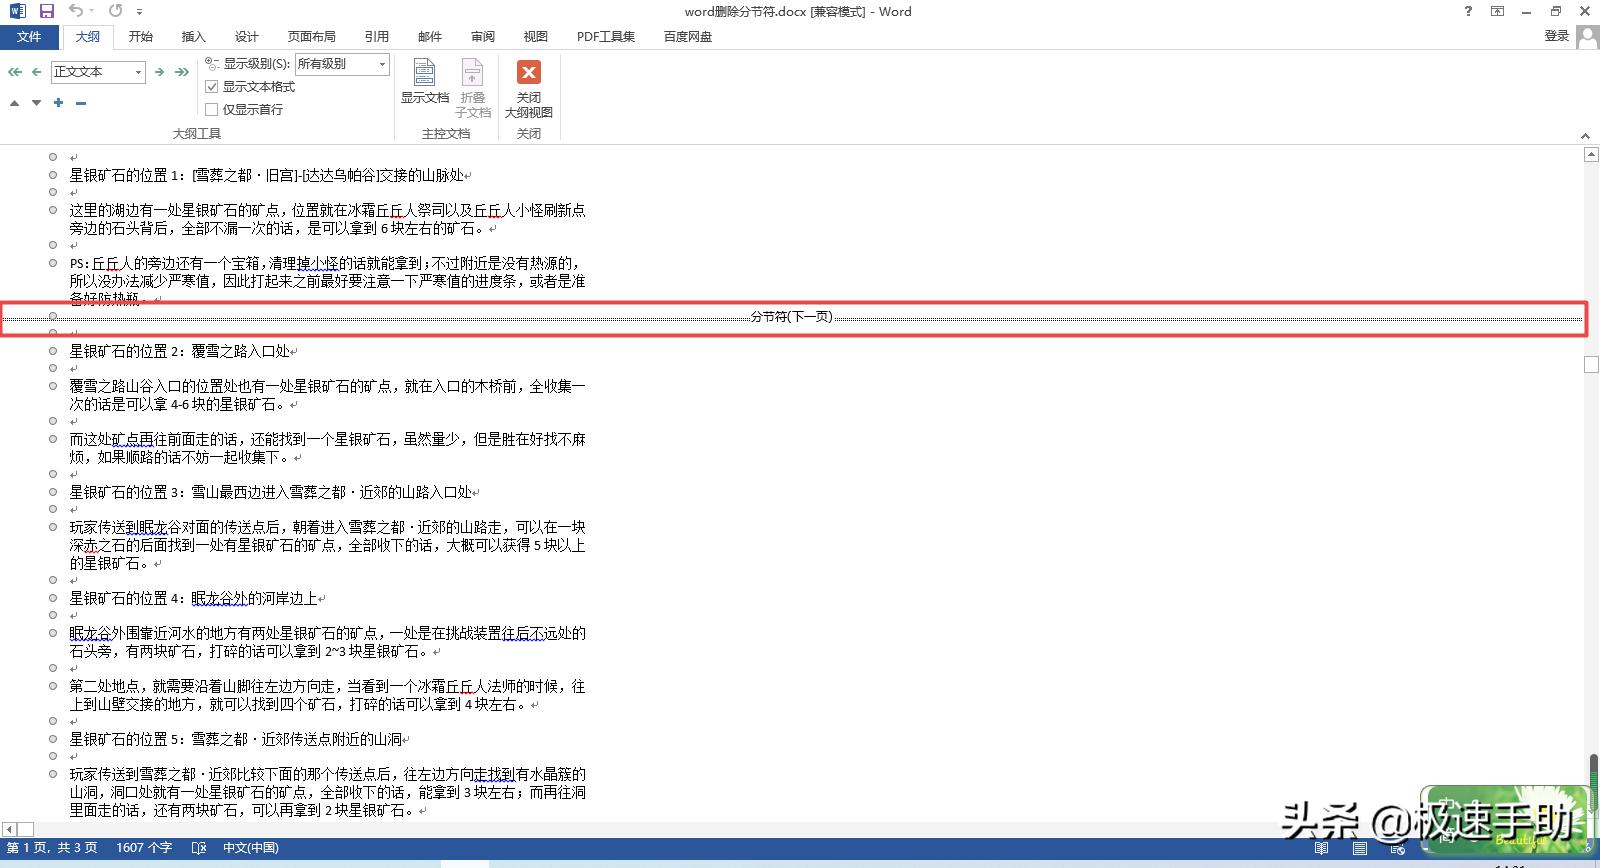 word文档中如何删除分节符?删除方法非常之简单